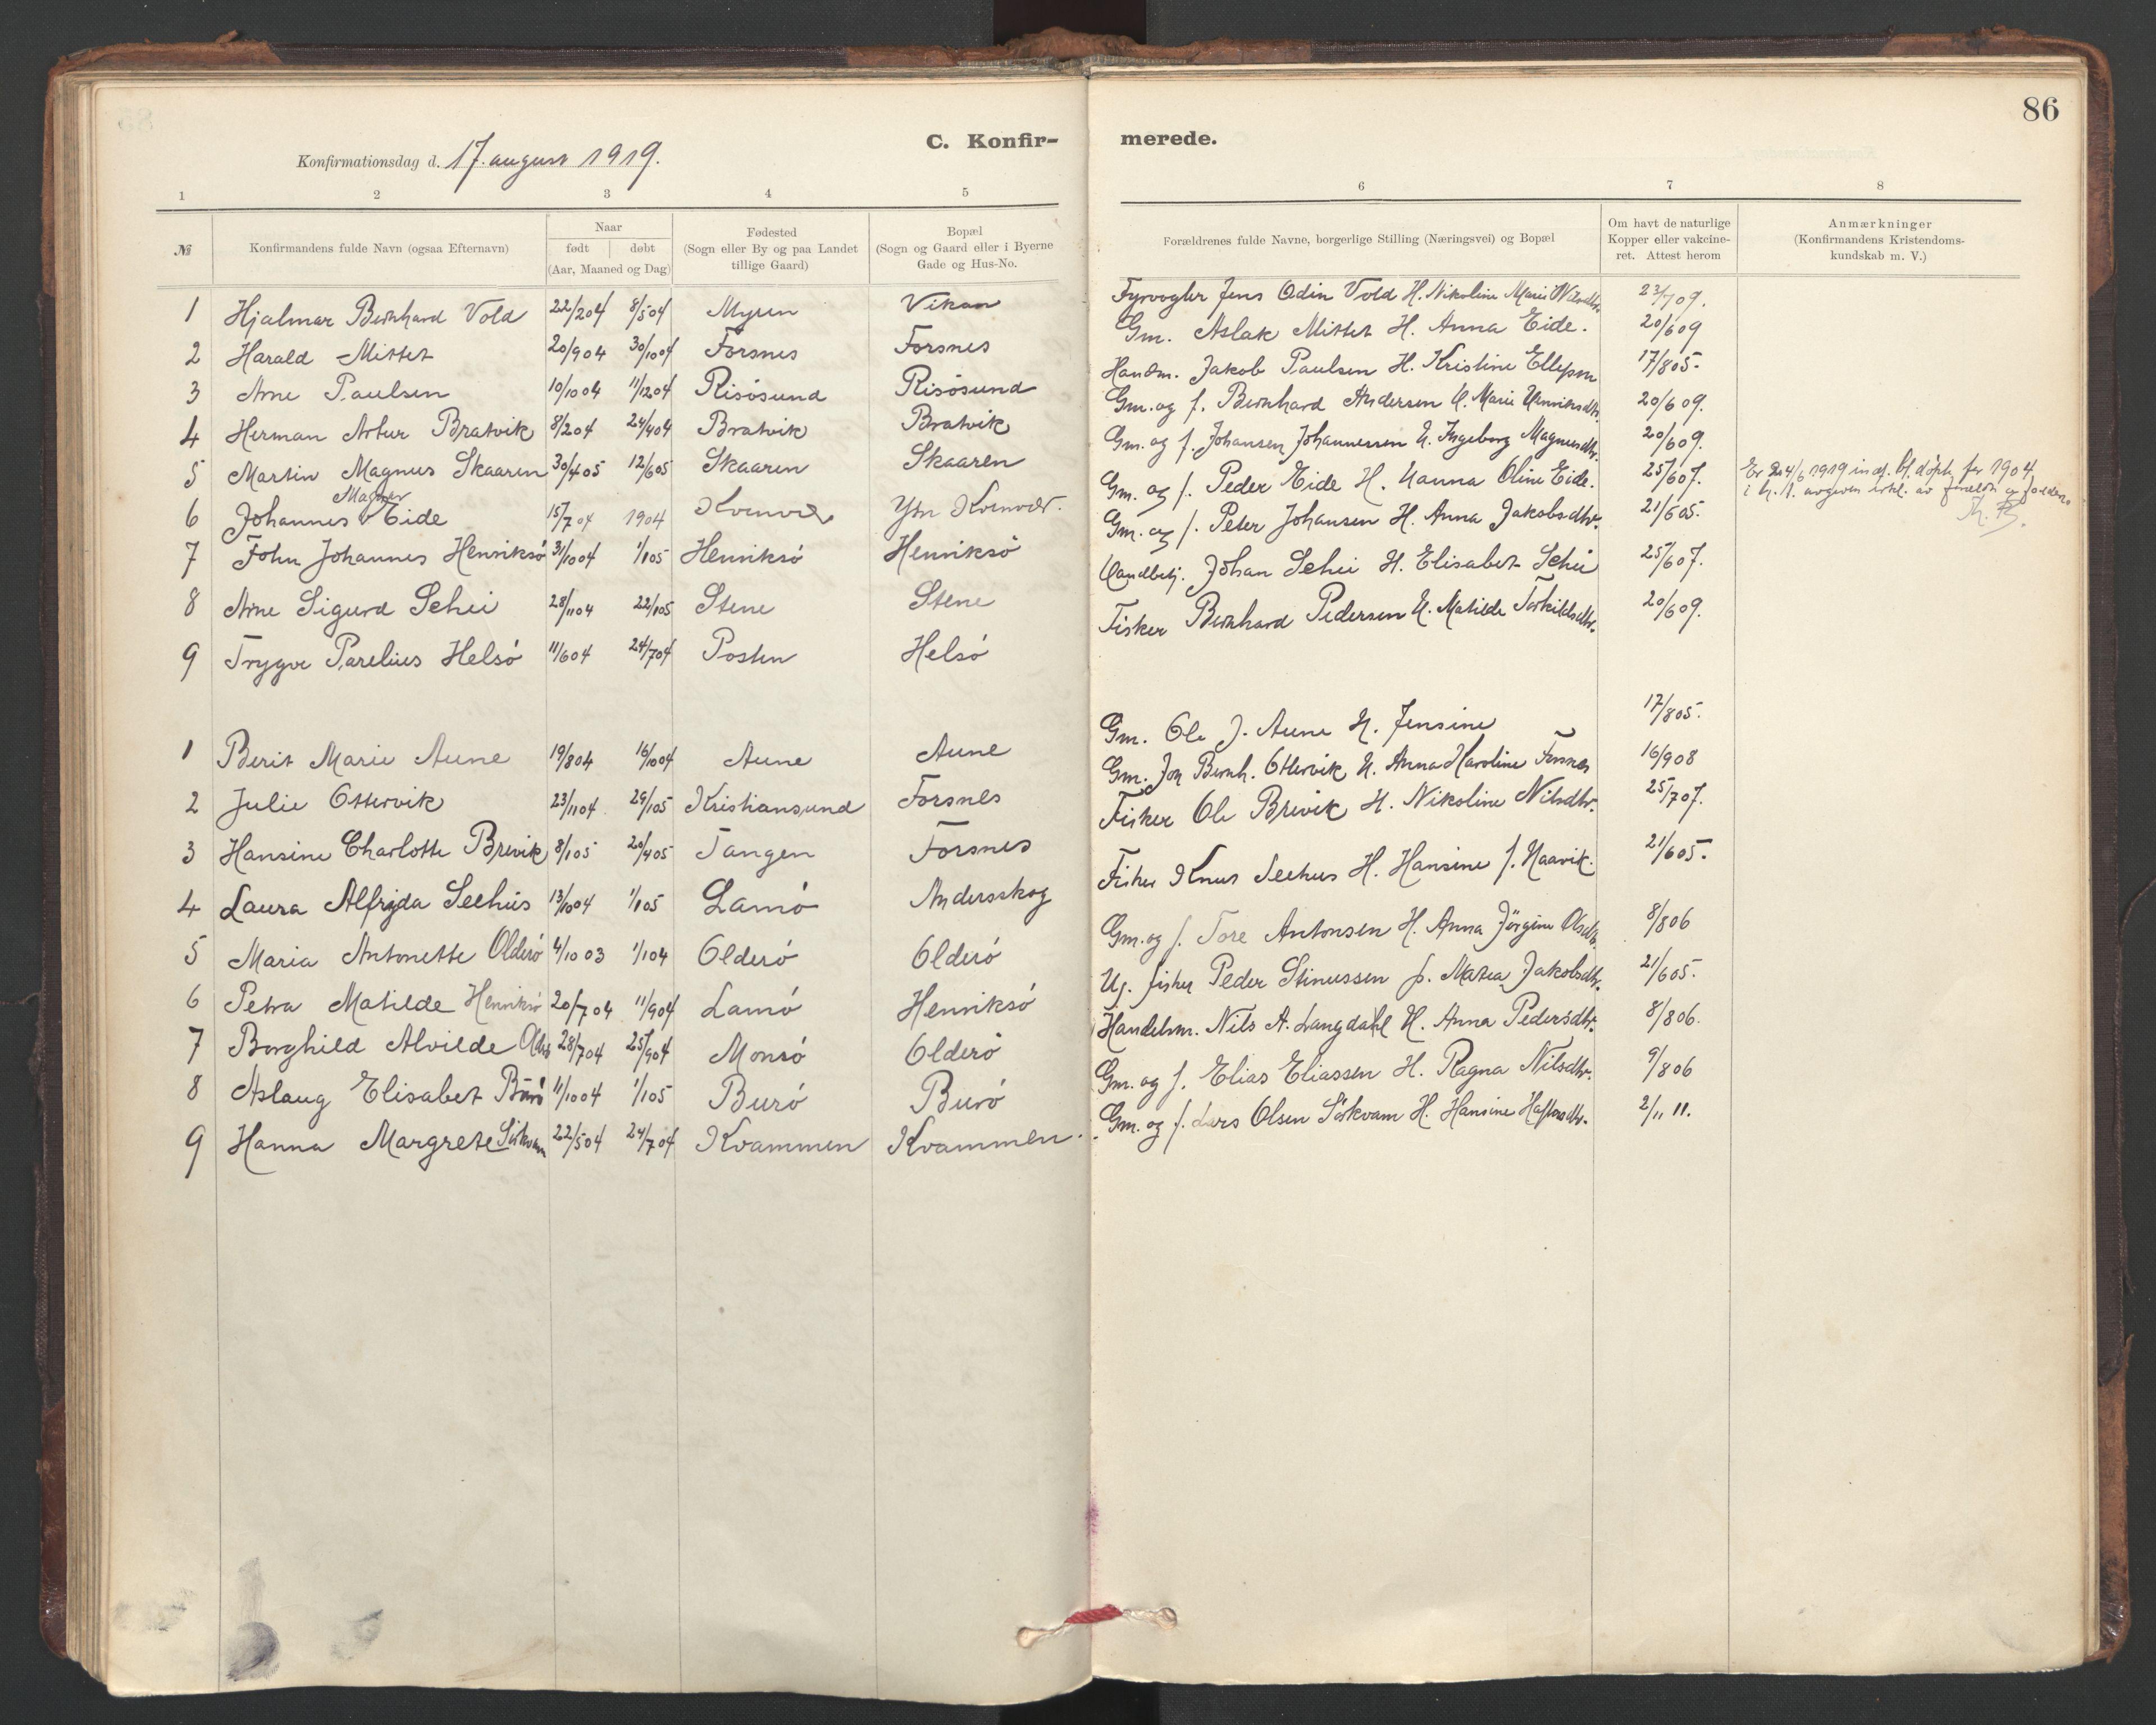 SAT, Ministerialprotokoller, klokkerbøker og fødselsregistre - Sør-Trøndelag, 635/L0552: Ministerialbok nr. 635A02, 1899-1919, s. 86